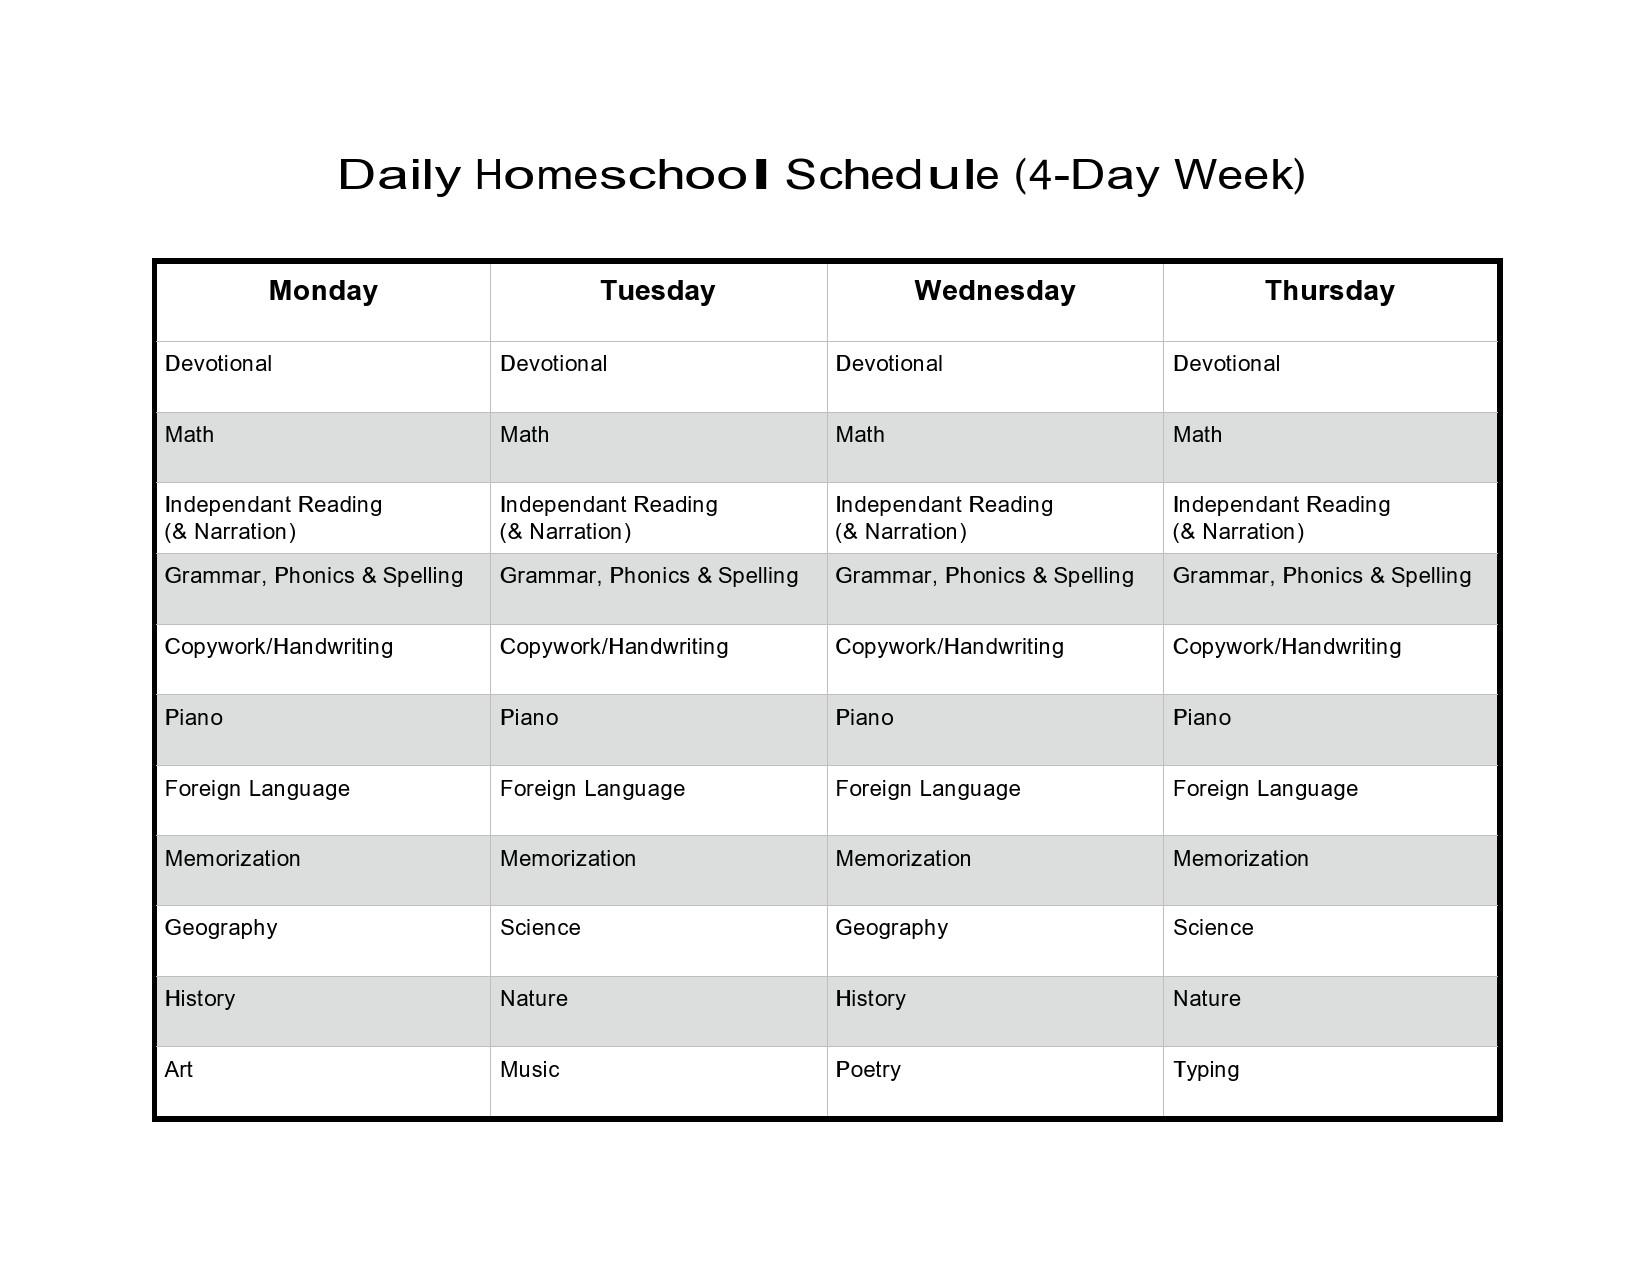 Free homeschool schedule template 05